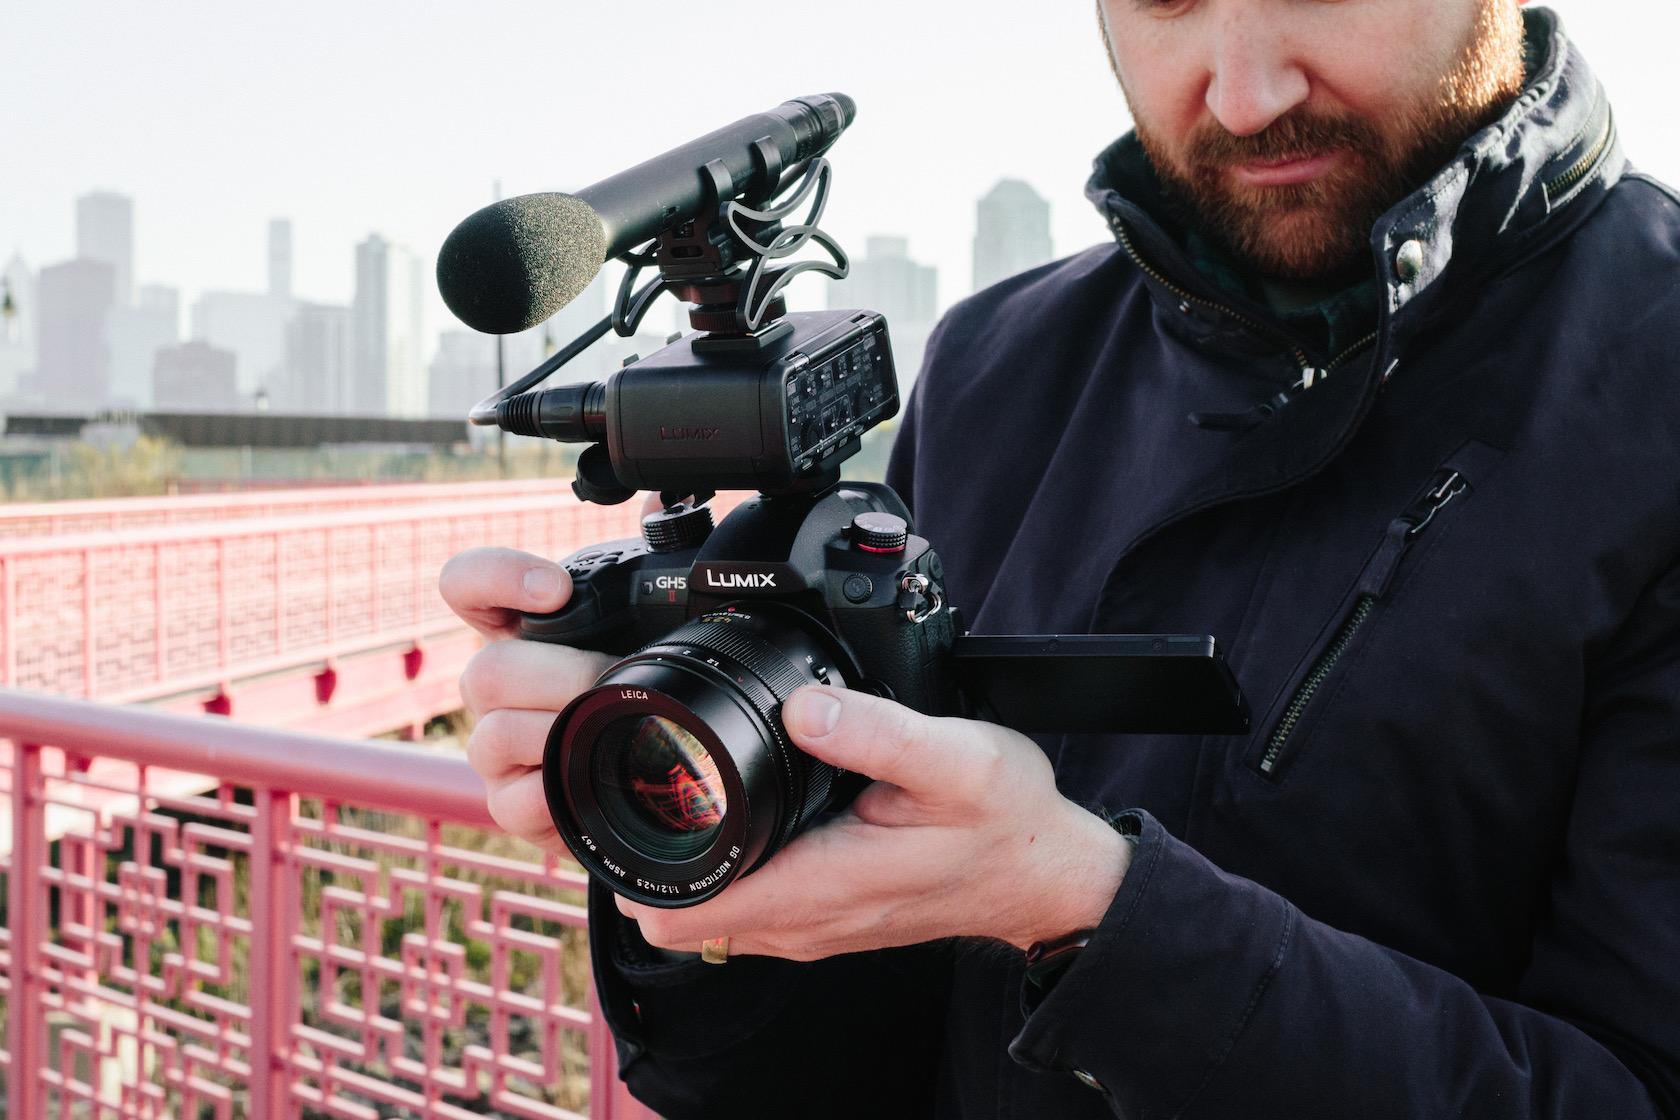 Mann auf einem Feld hält Panasonic LUMIX GH5 II mit Kikrofon-Aufsatz in der Hand